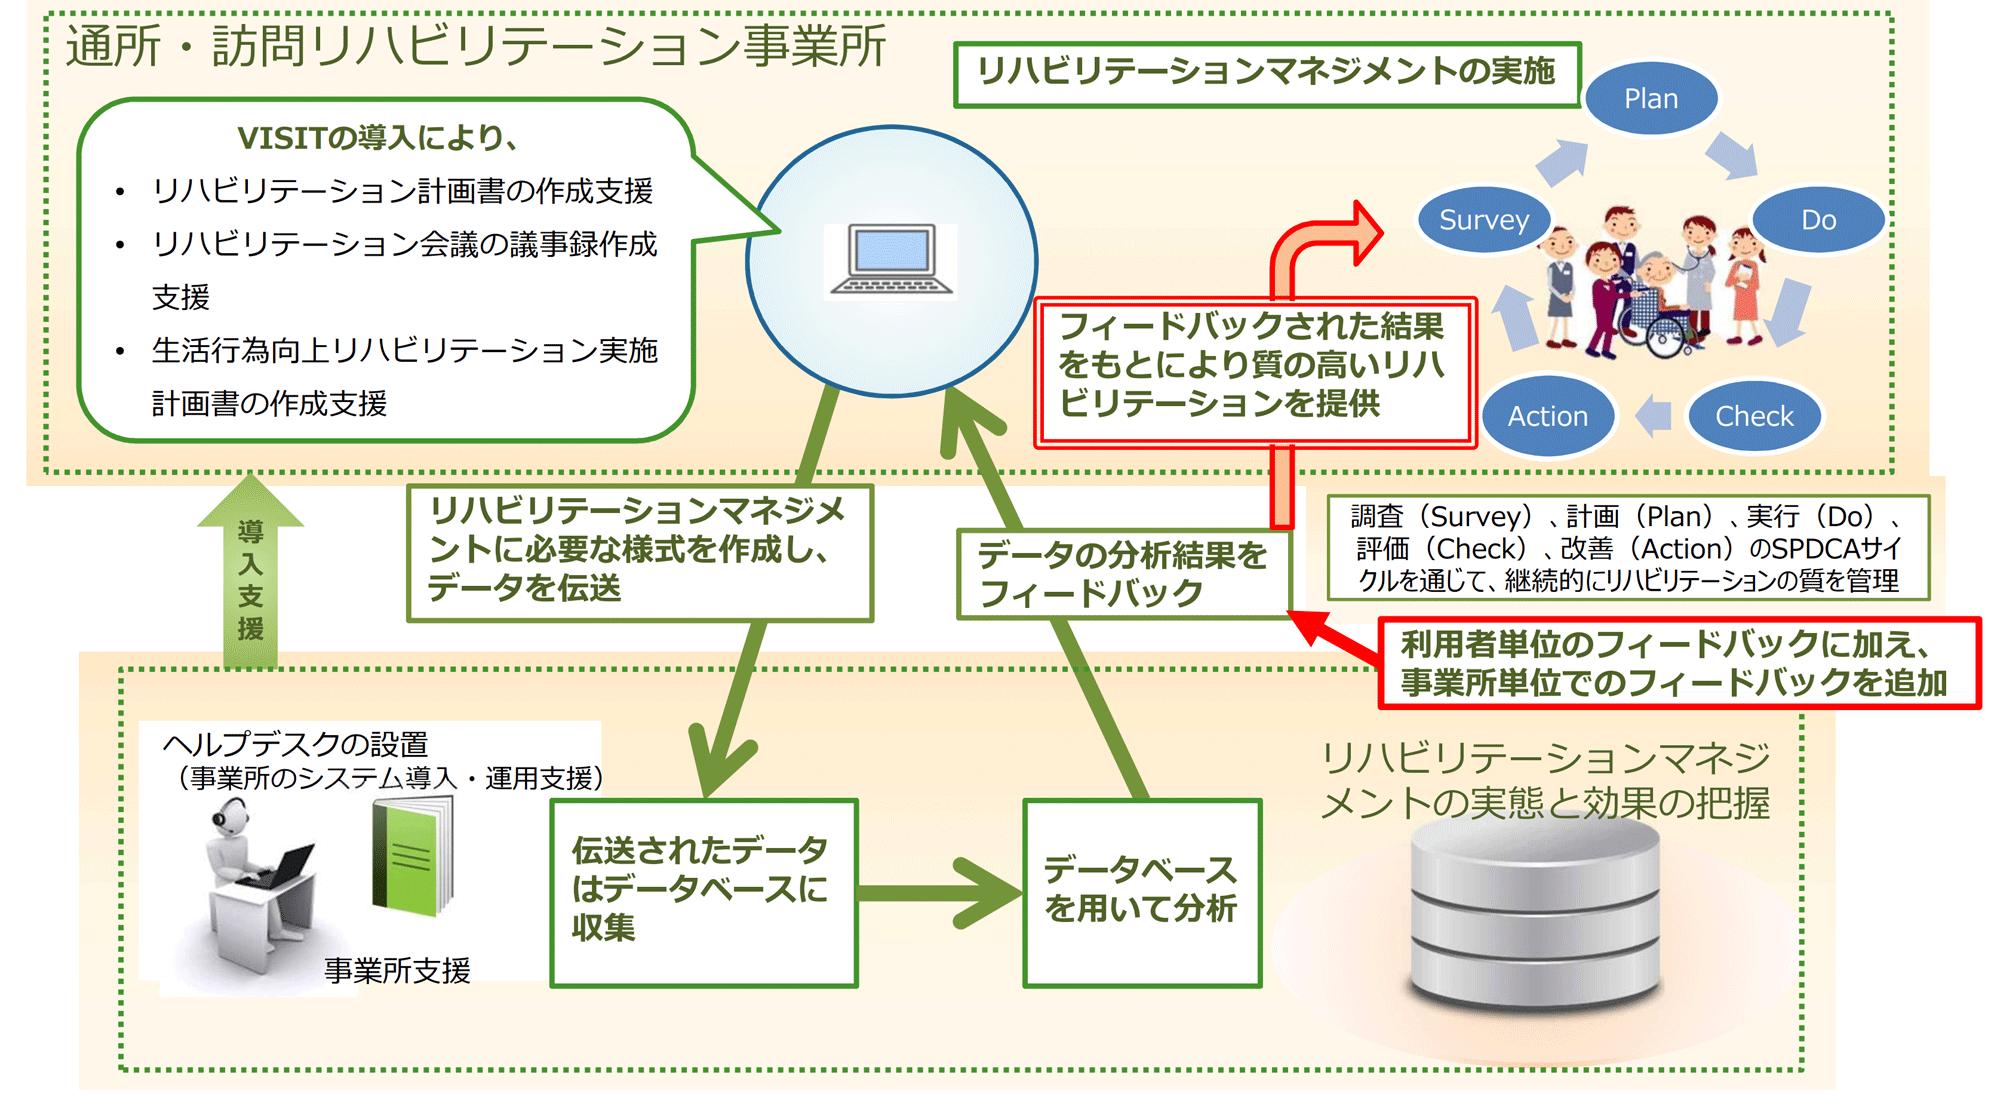 通所・訪問リハビリテーションの質の評価データ収集に係るシステム(VISIT)